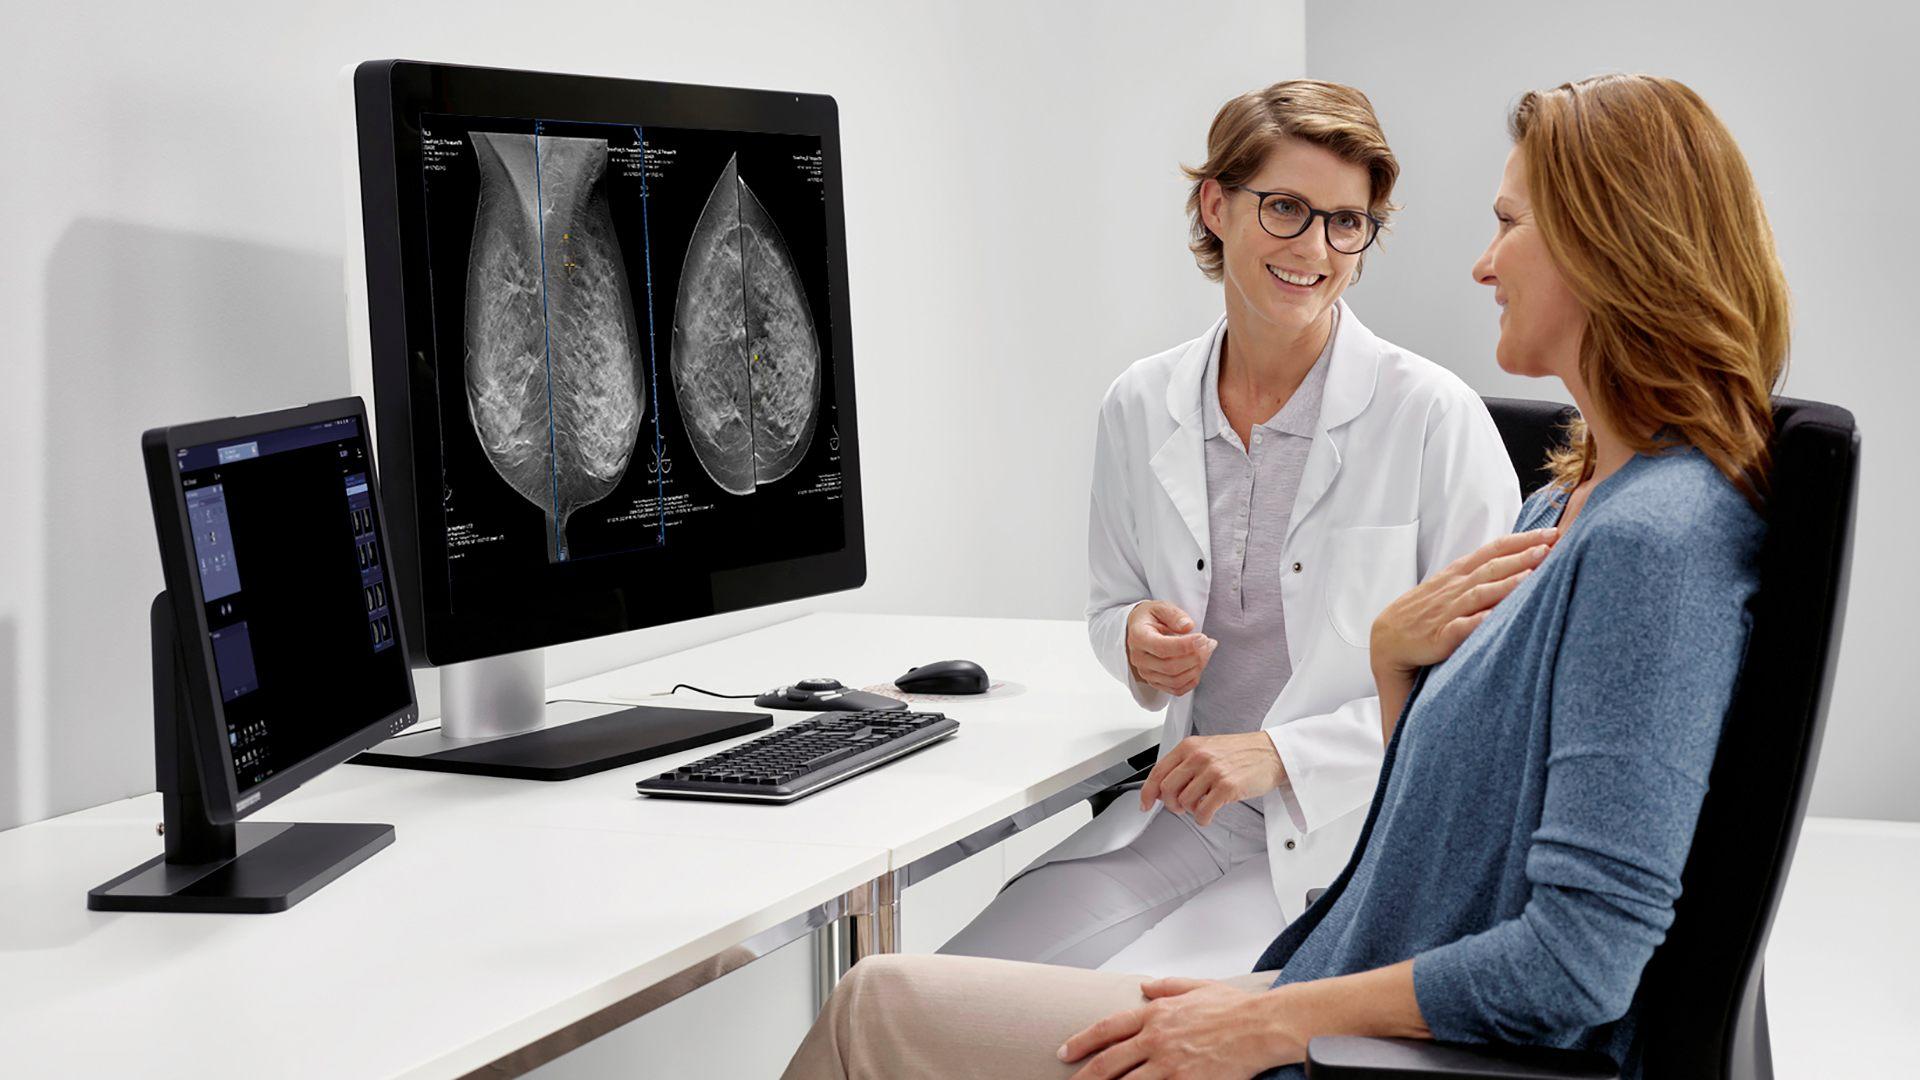 ماموگرافی تا چه اندازه میتواند دقیق عمل کند؟